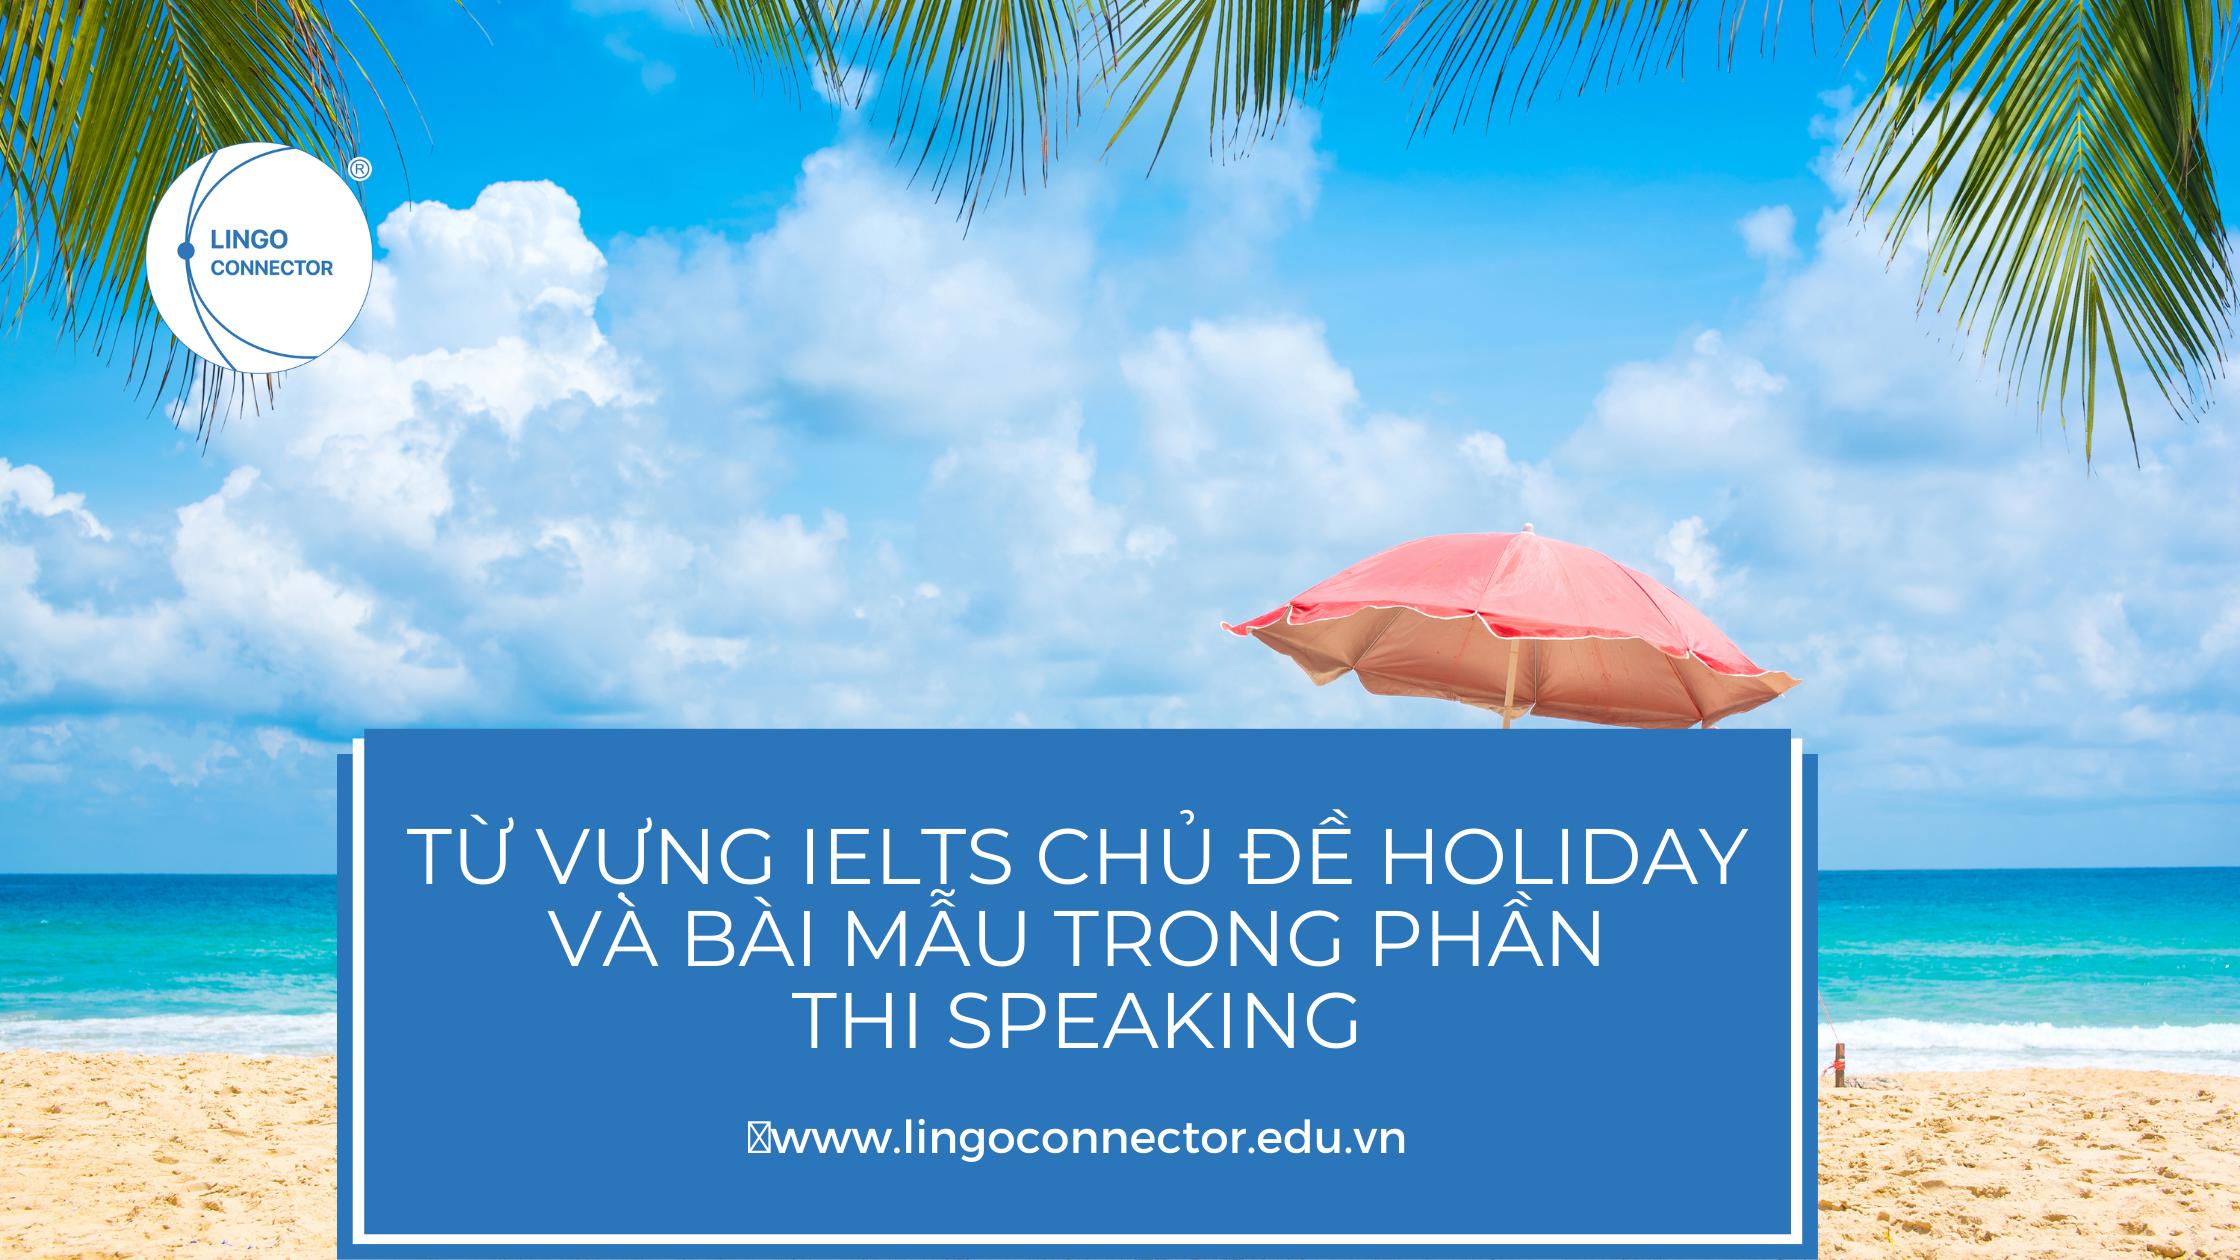 Từ vựng IELTS chủ đề Holiday và bài mẫu trong phần thi Speaking